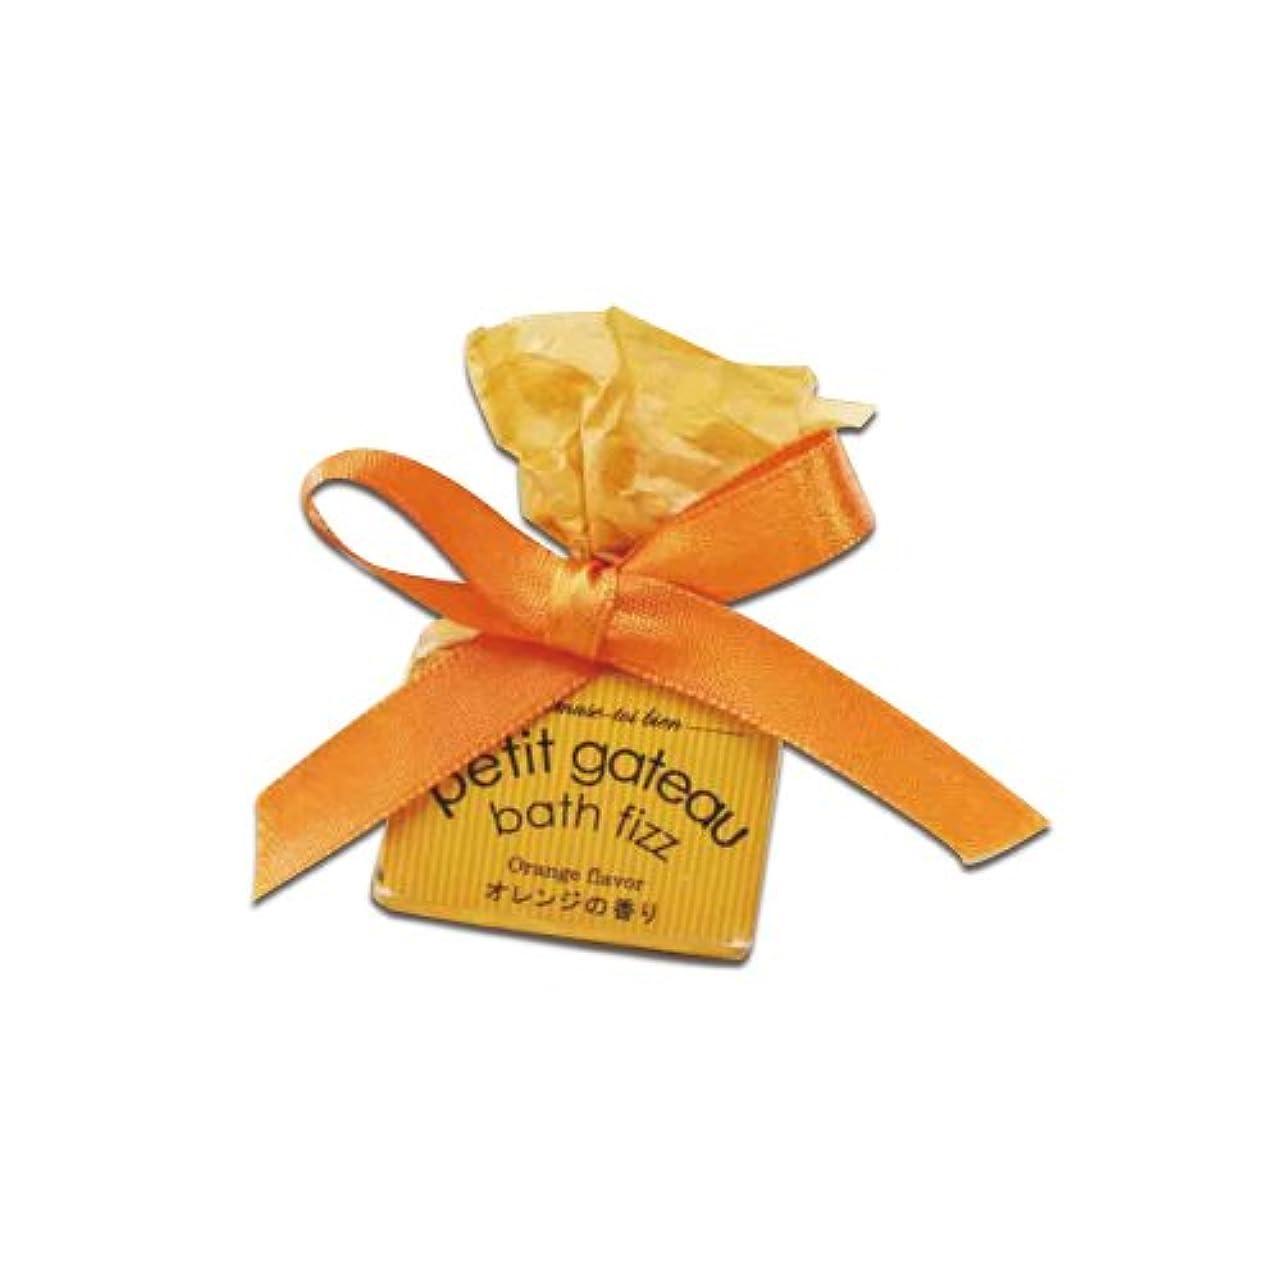 スラッシュ死傷者設置プチガトーバスフィザー オレンジの香り 12個セット